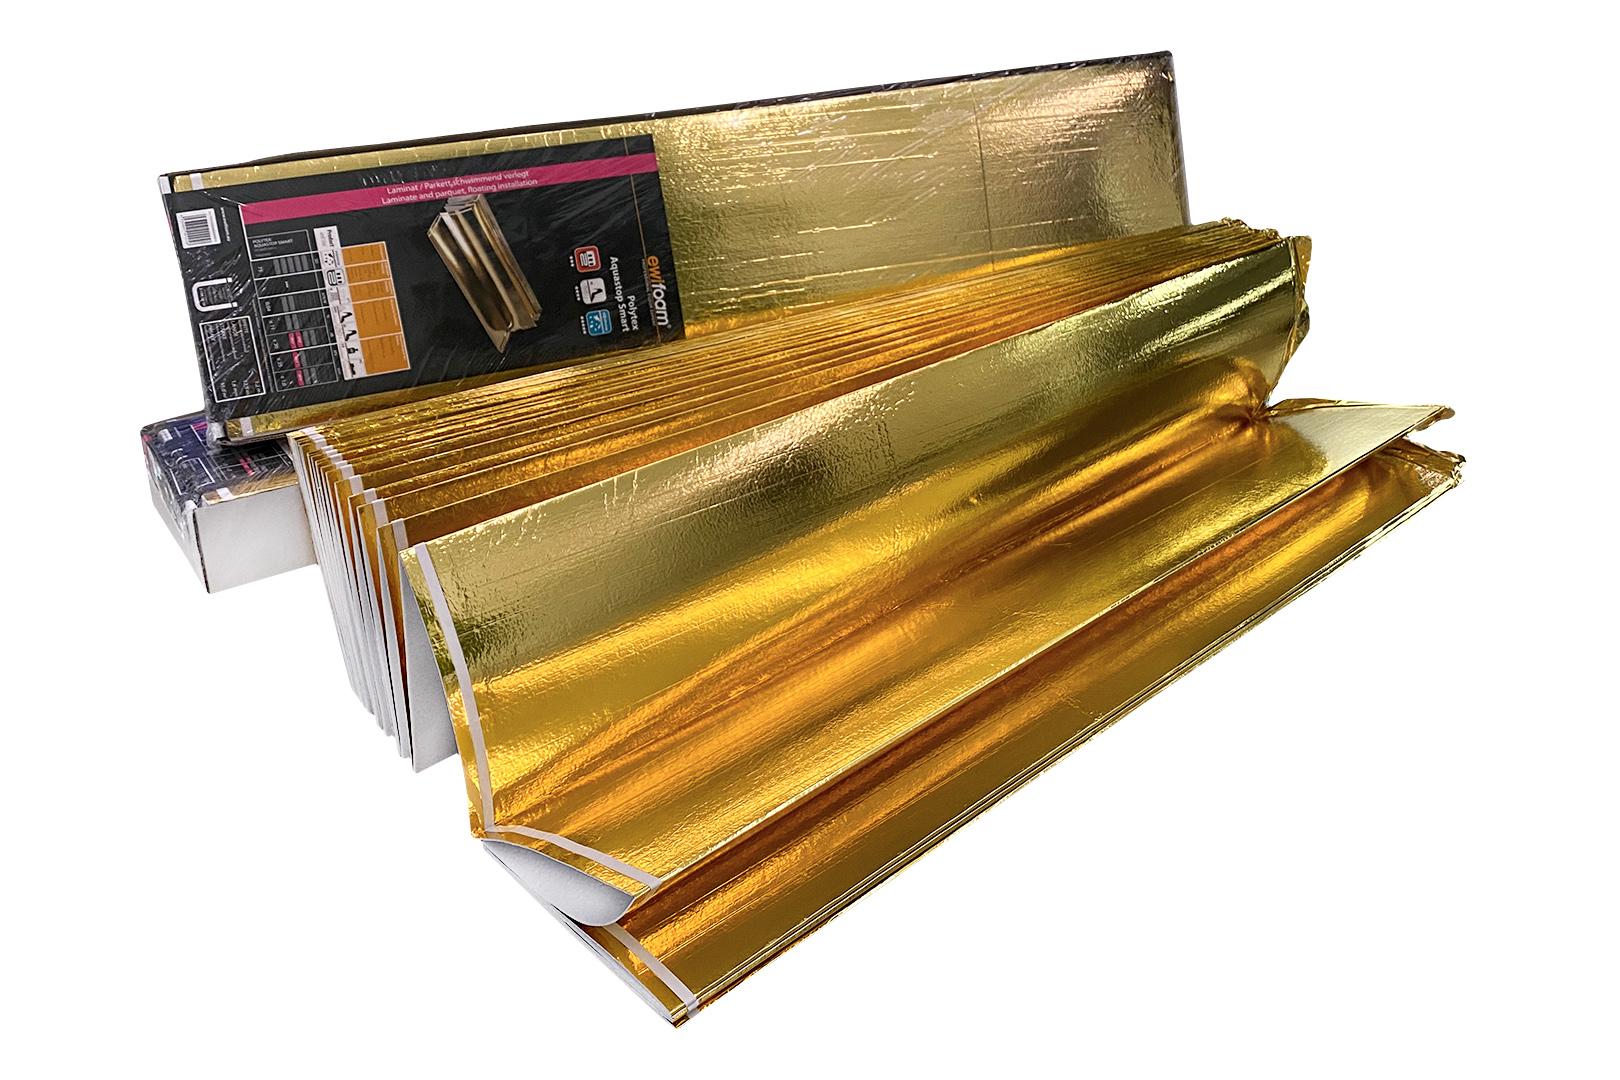 Restposten! Trittschalldämmung in Gold Parkett- & Laminatunterlage 1,6 mm Fußbodenheizung